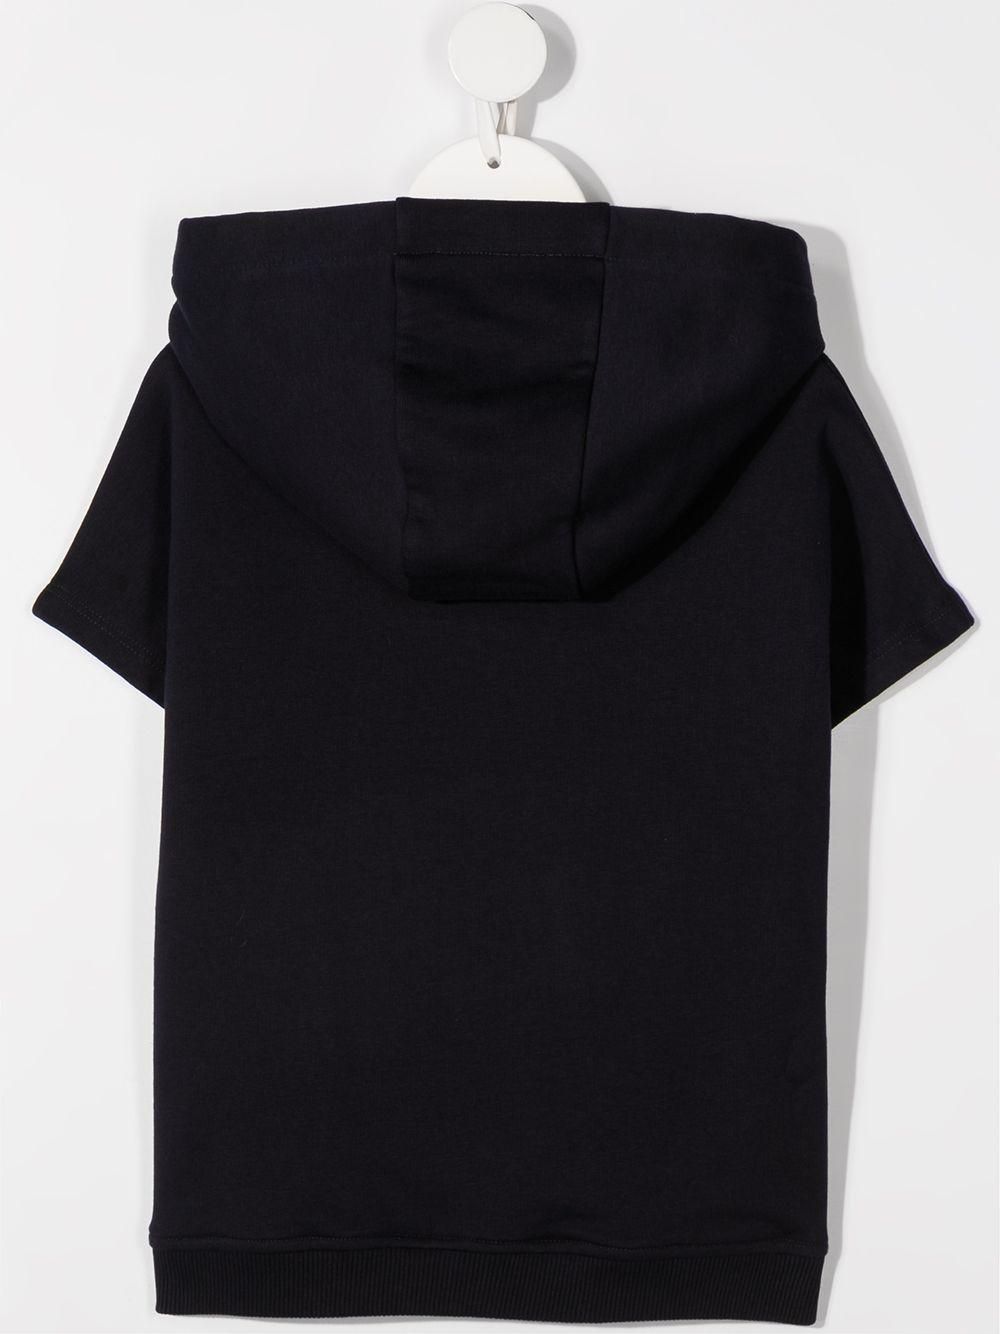 felpa mezza manica con cappuccio e stampa logo chloe' CHLOE' | Felpa | C15B80859